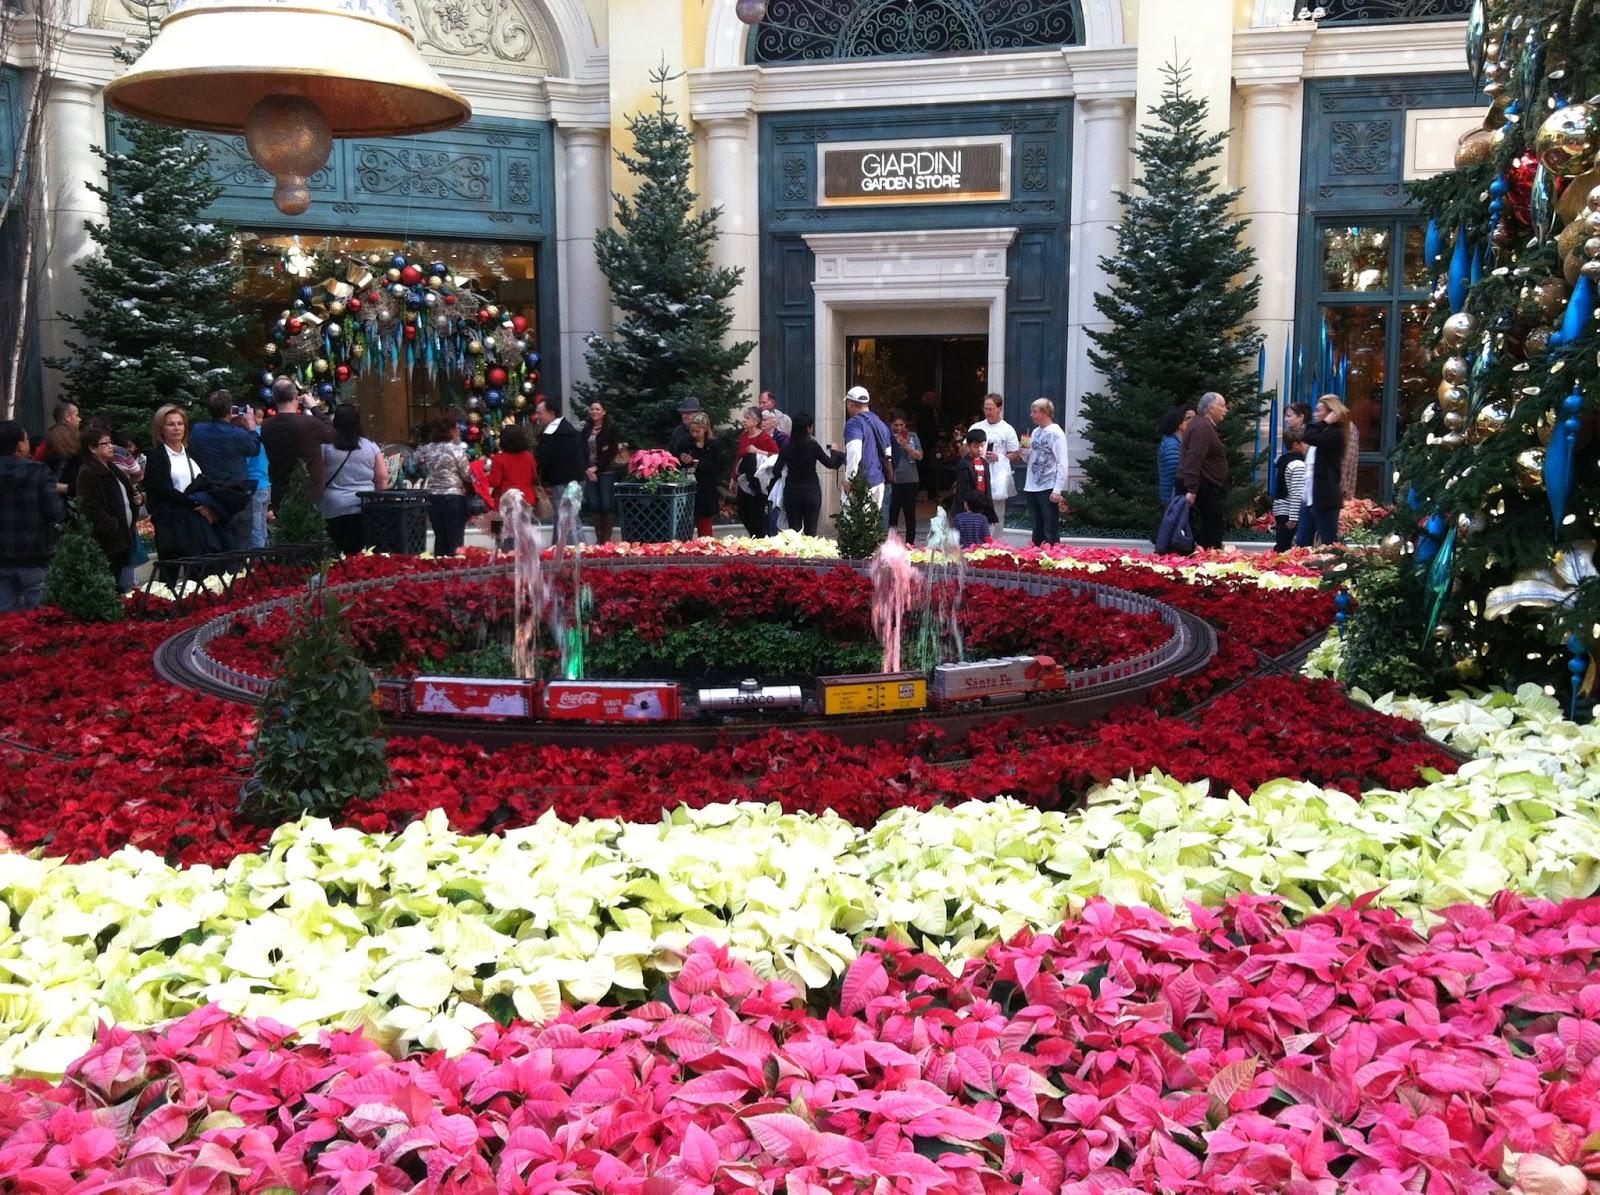 Bellagio Las Vegas Botanical Gardens Christmas 2013